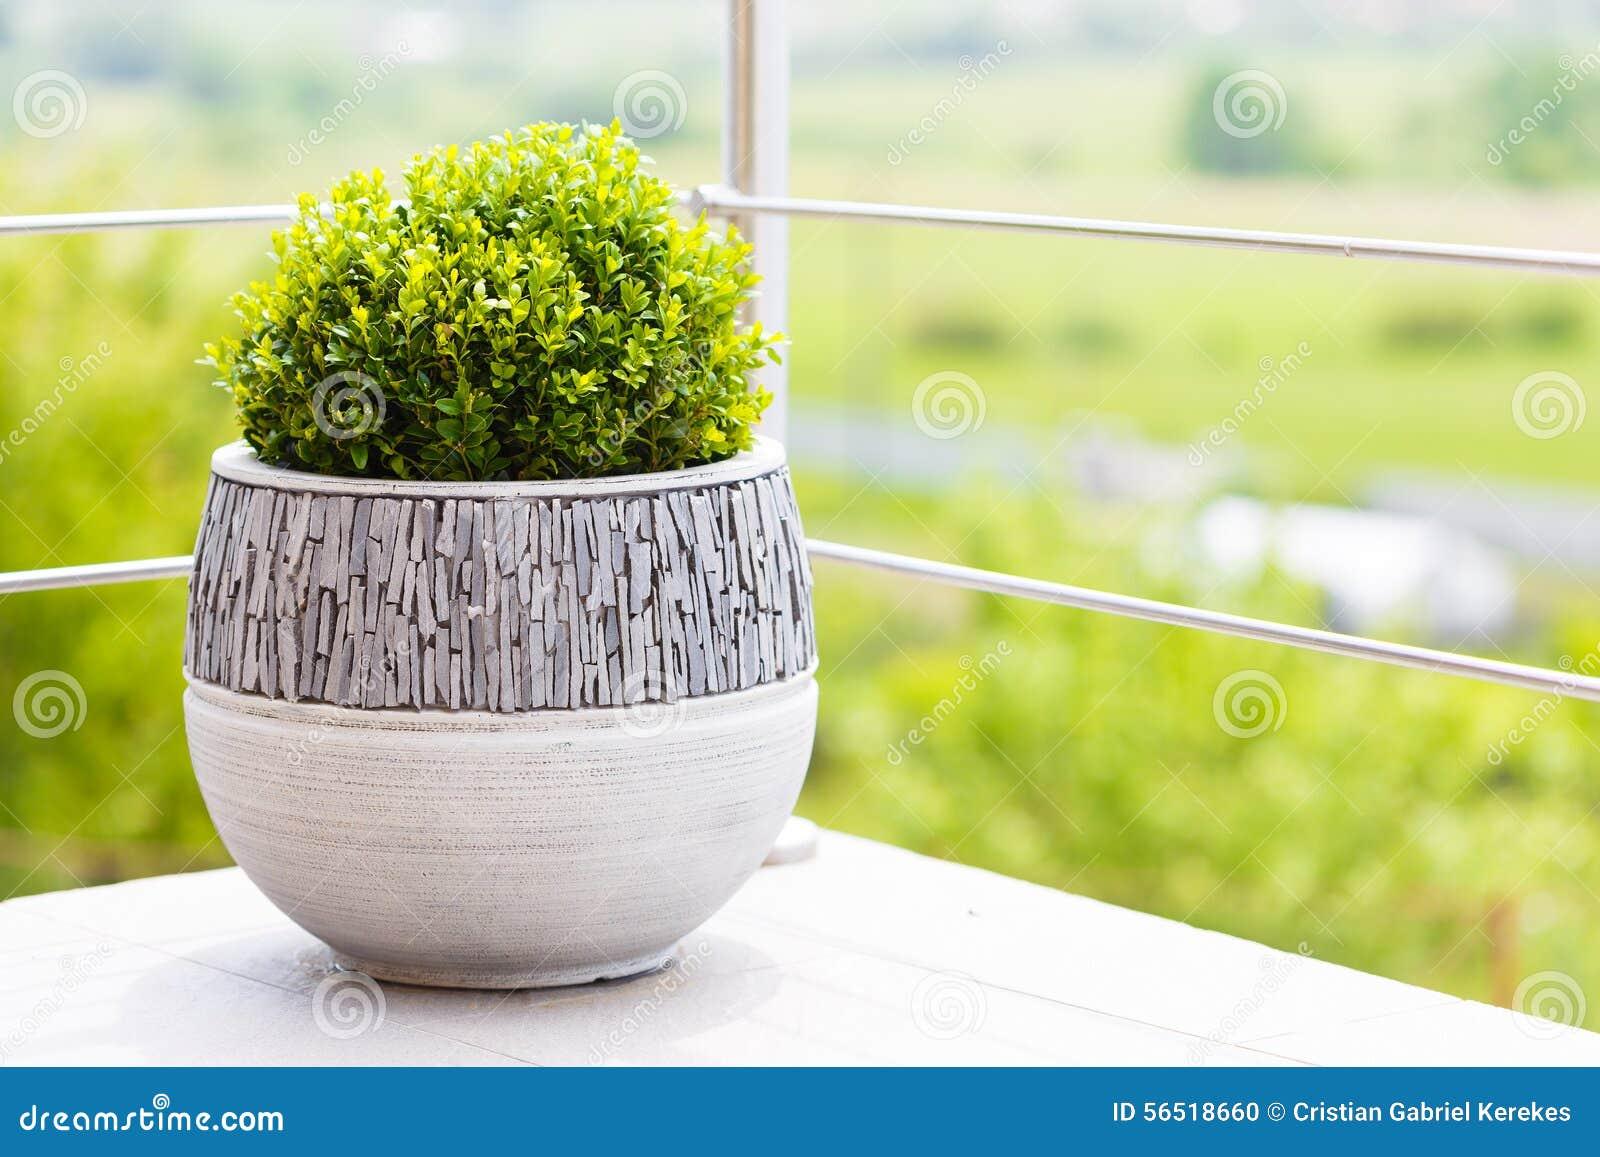 Grüner Buxus Im Keramischen Blumentopf Auf Einem Balkon Stockfoto ...